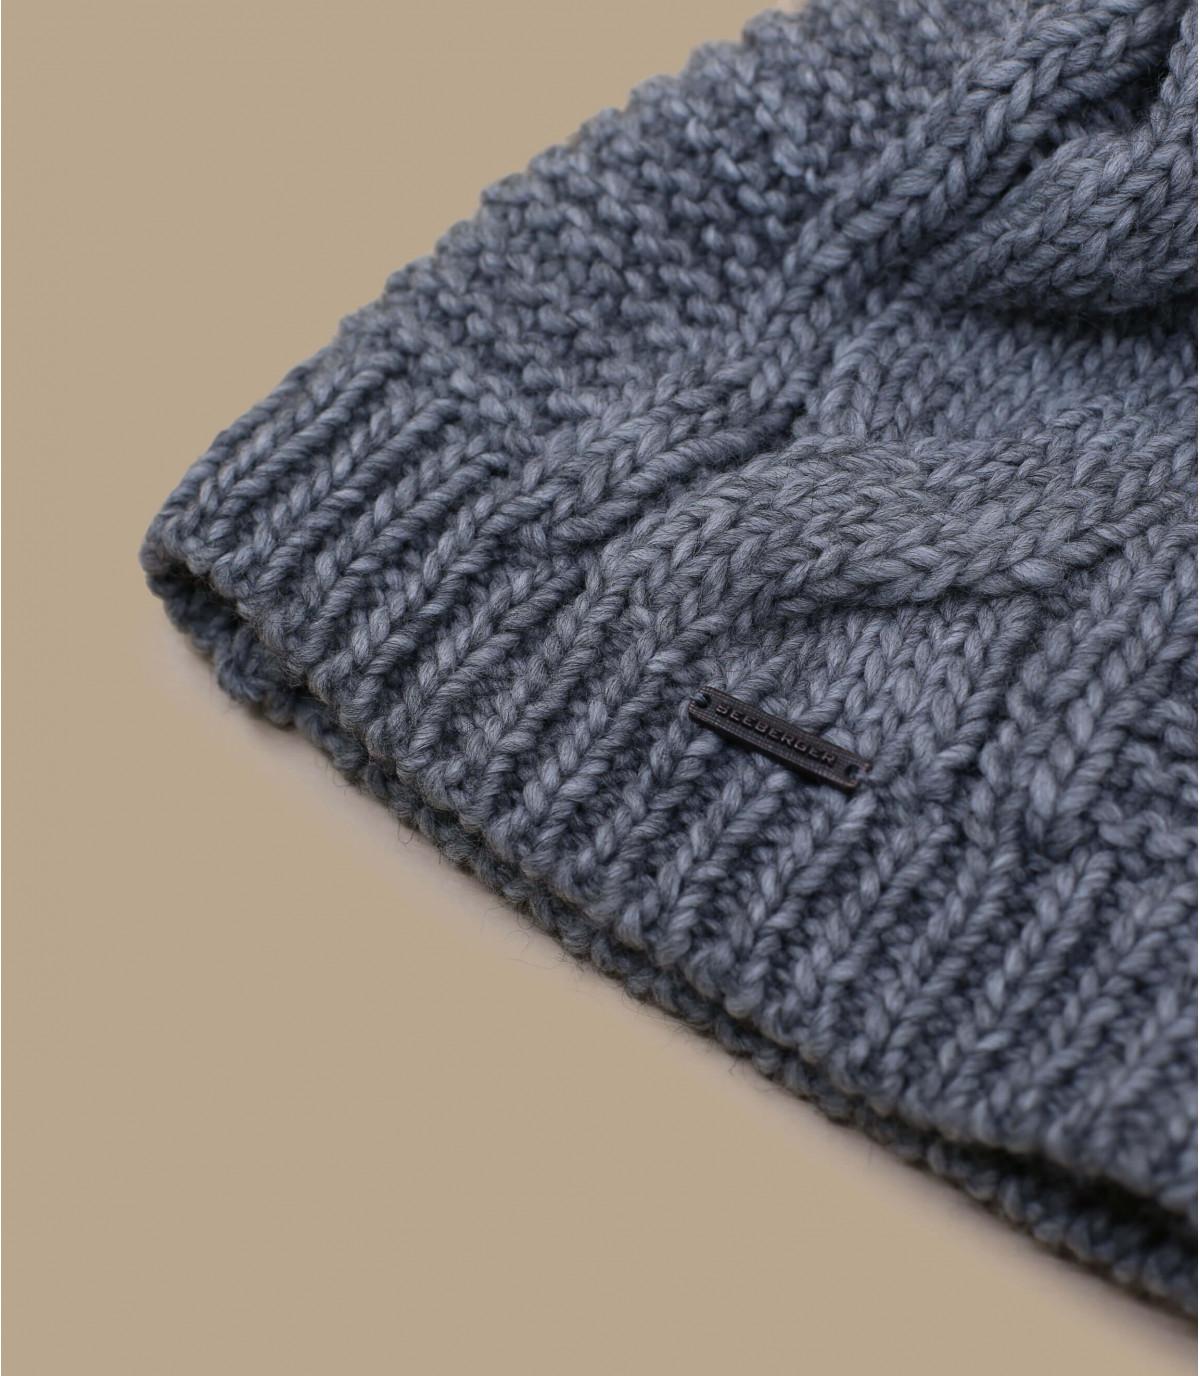 Details Bonnet long pompon gris - Abbildung 3